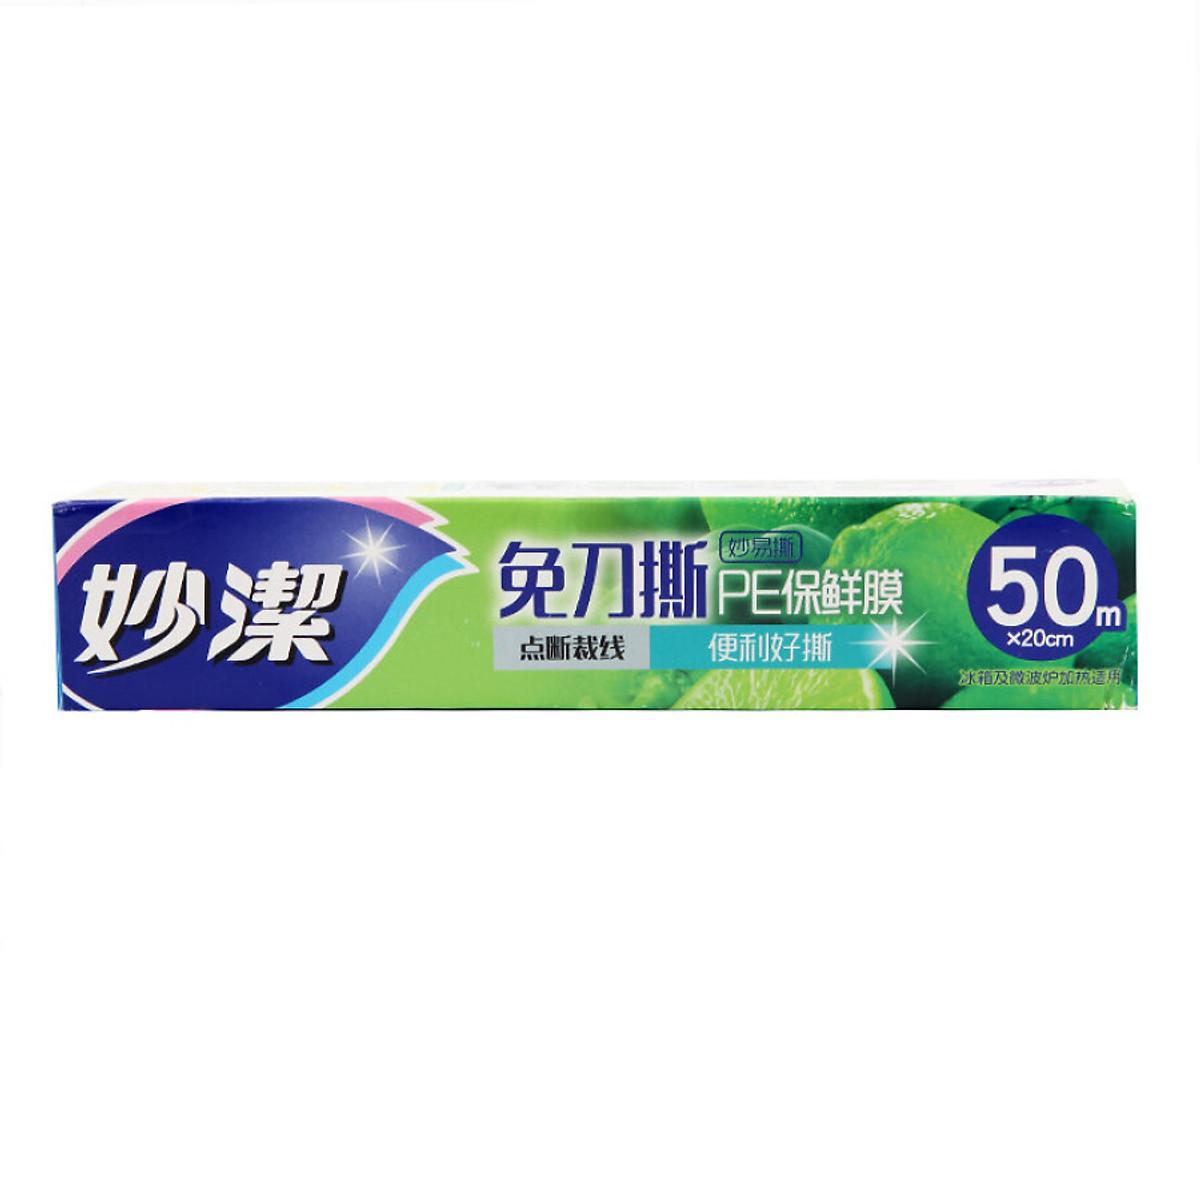 Hình đại diện sản phẩm Màng Bọc Thực Phẩm Dùng Được Trong Lò Vi Sóng Miaojie Cling 50m